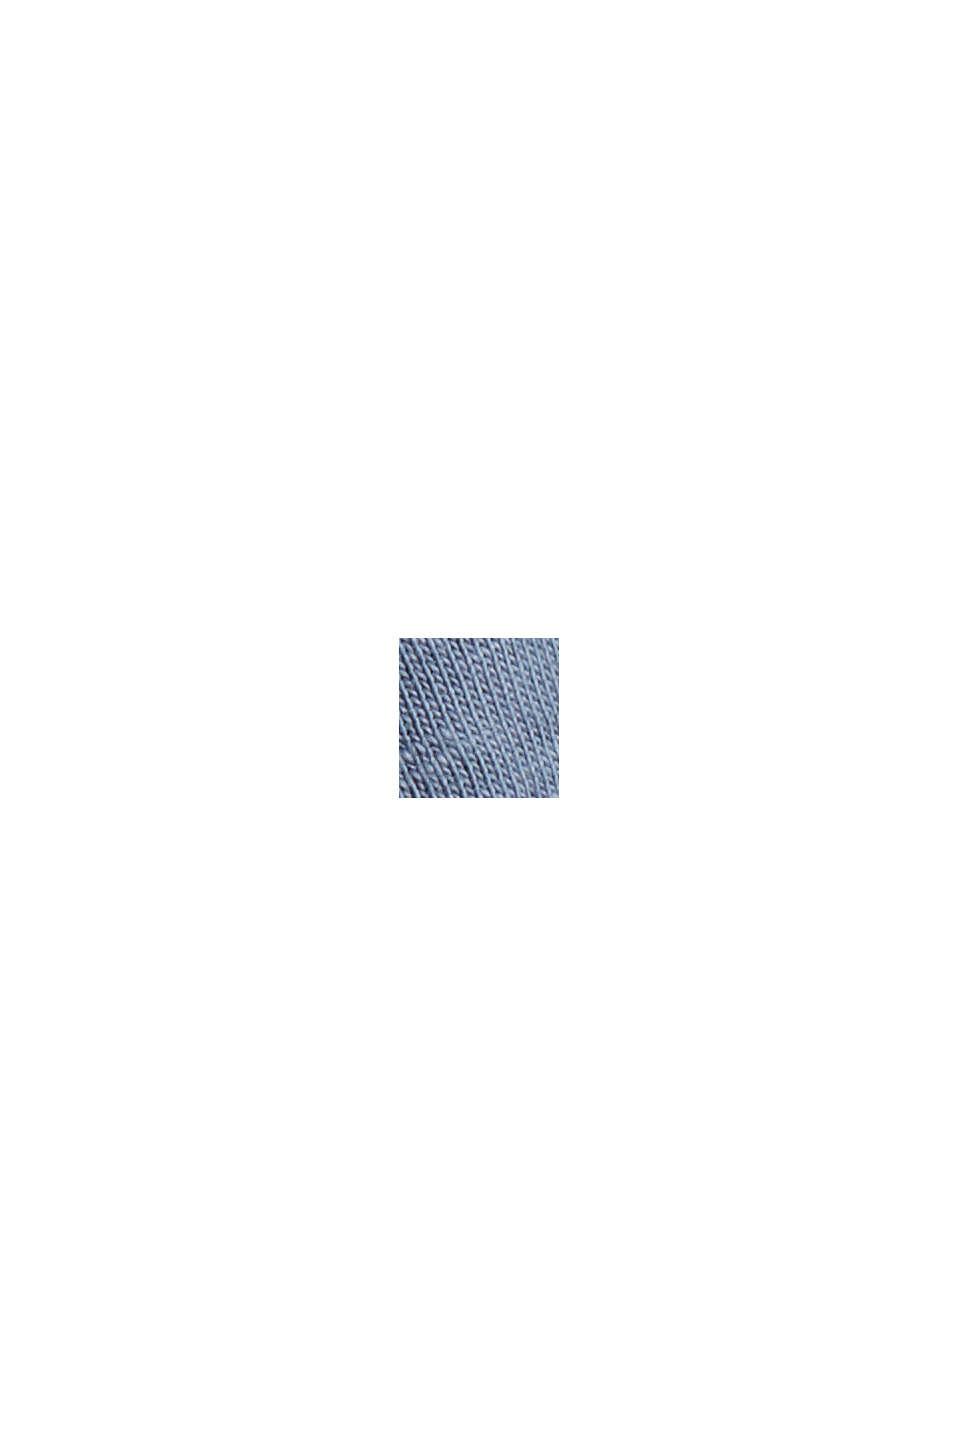 PLUS SIZE, Koszulka z długim rękawem ze 100% bawełny ekologicznej, GREY BLUE, swatch